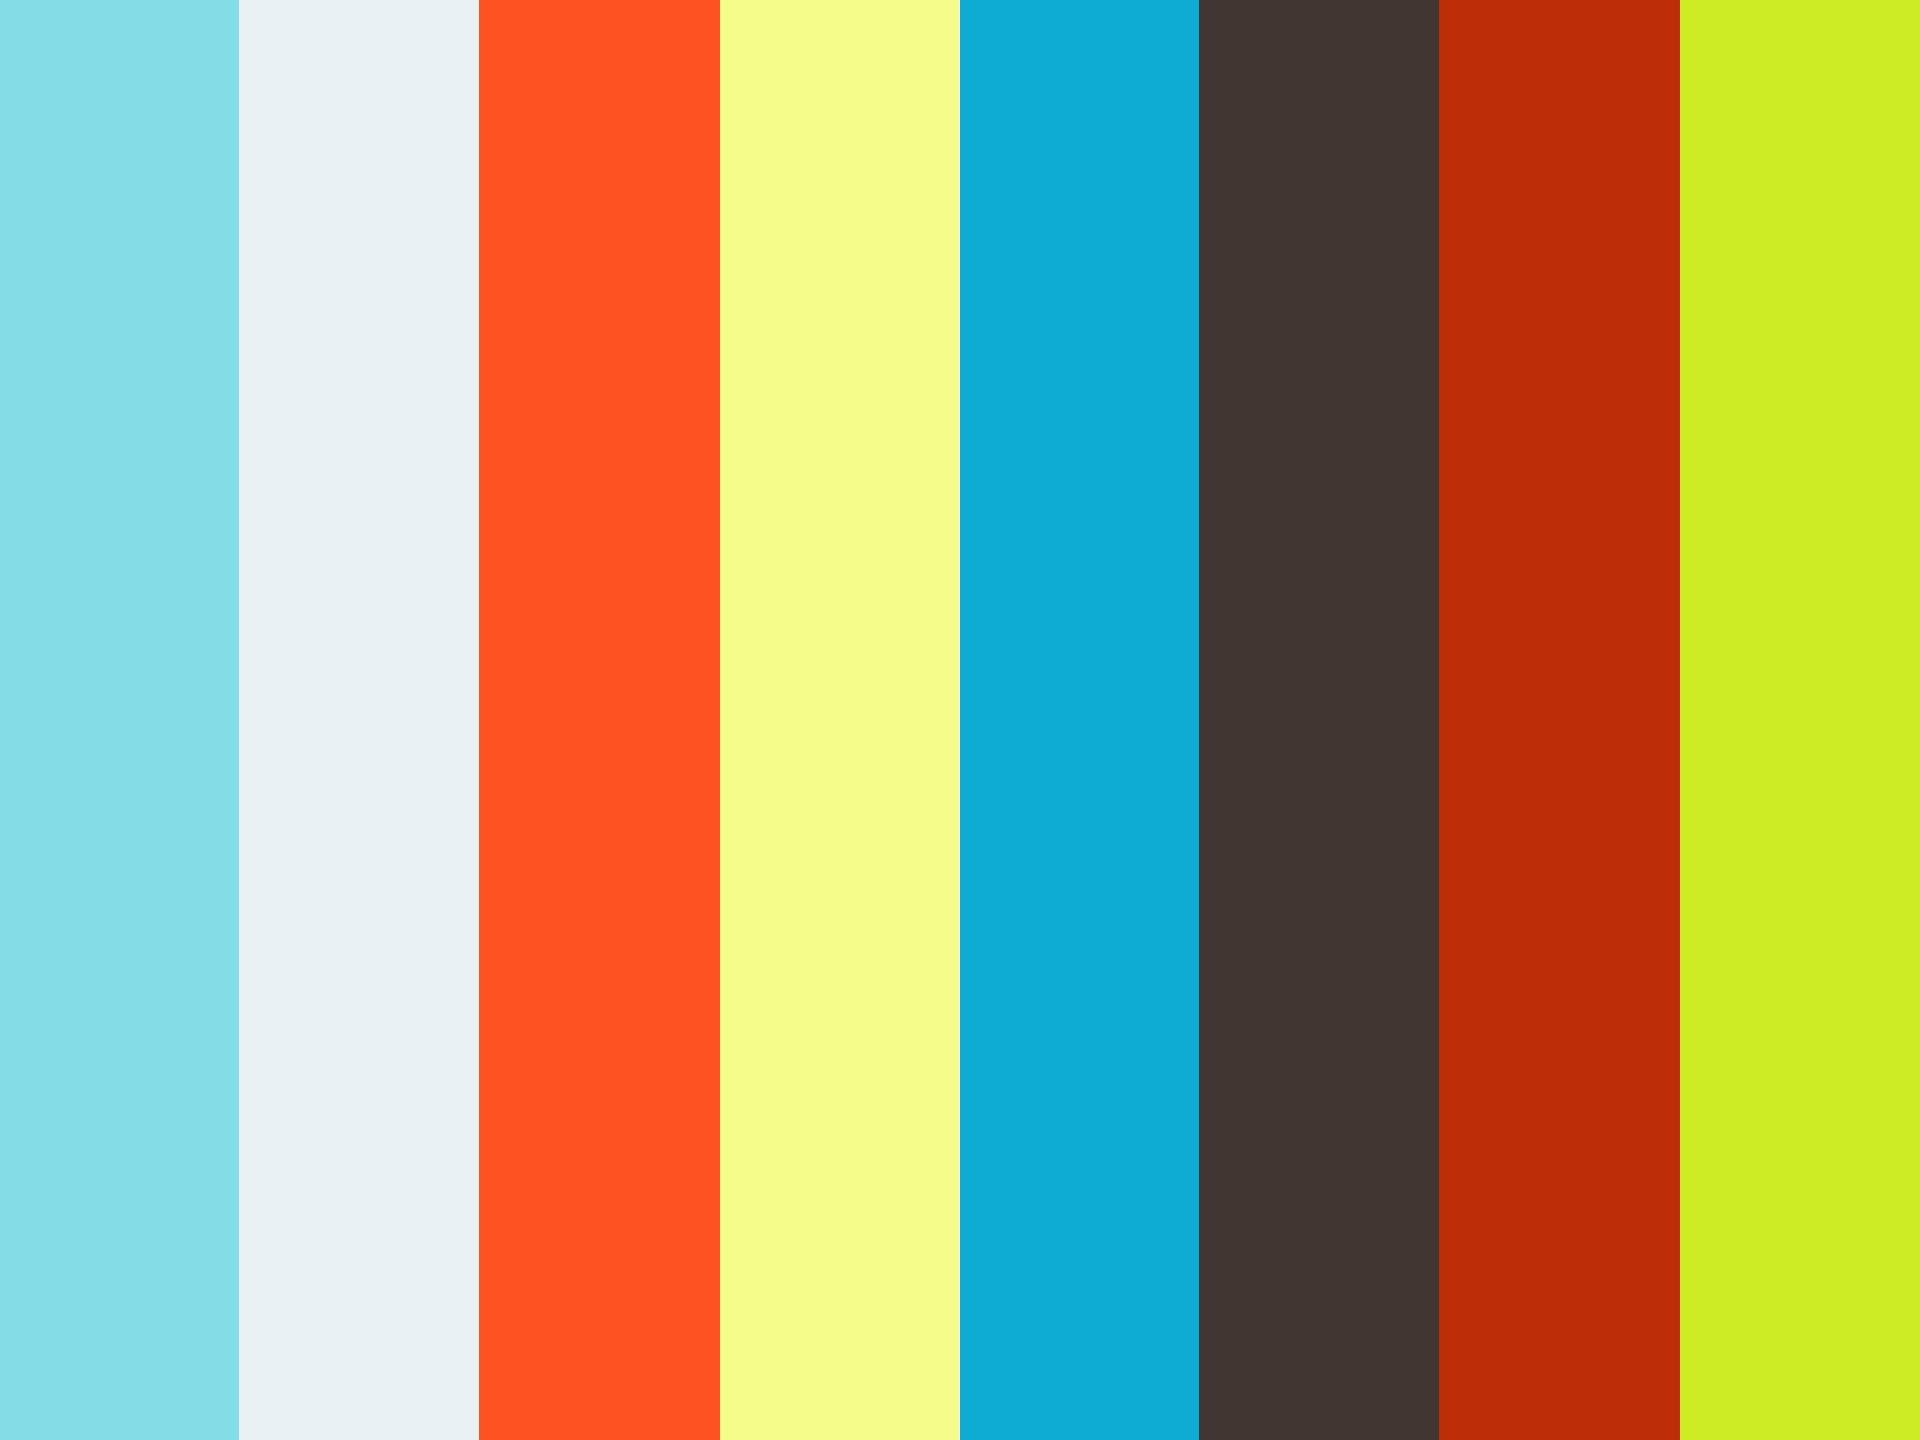 ねこに ぎ ゃ く た い さ れ る せいかつ 106日目 [無断転載禁止]©2ch.netYouTube動画>3本 ->画像>338枚